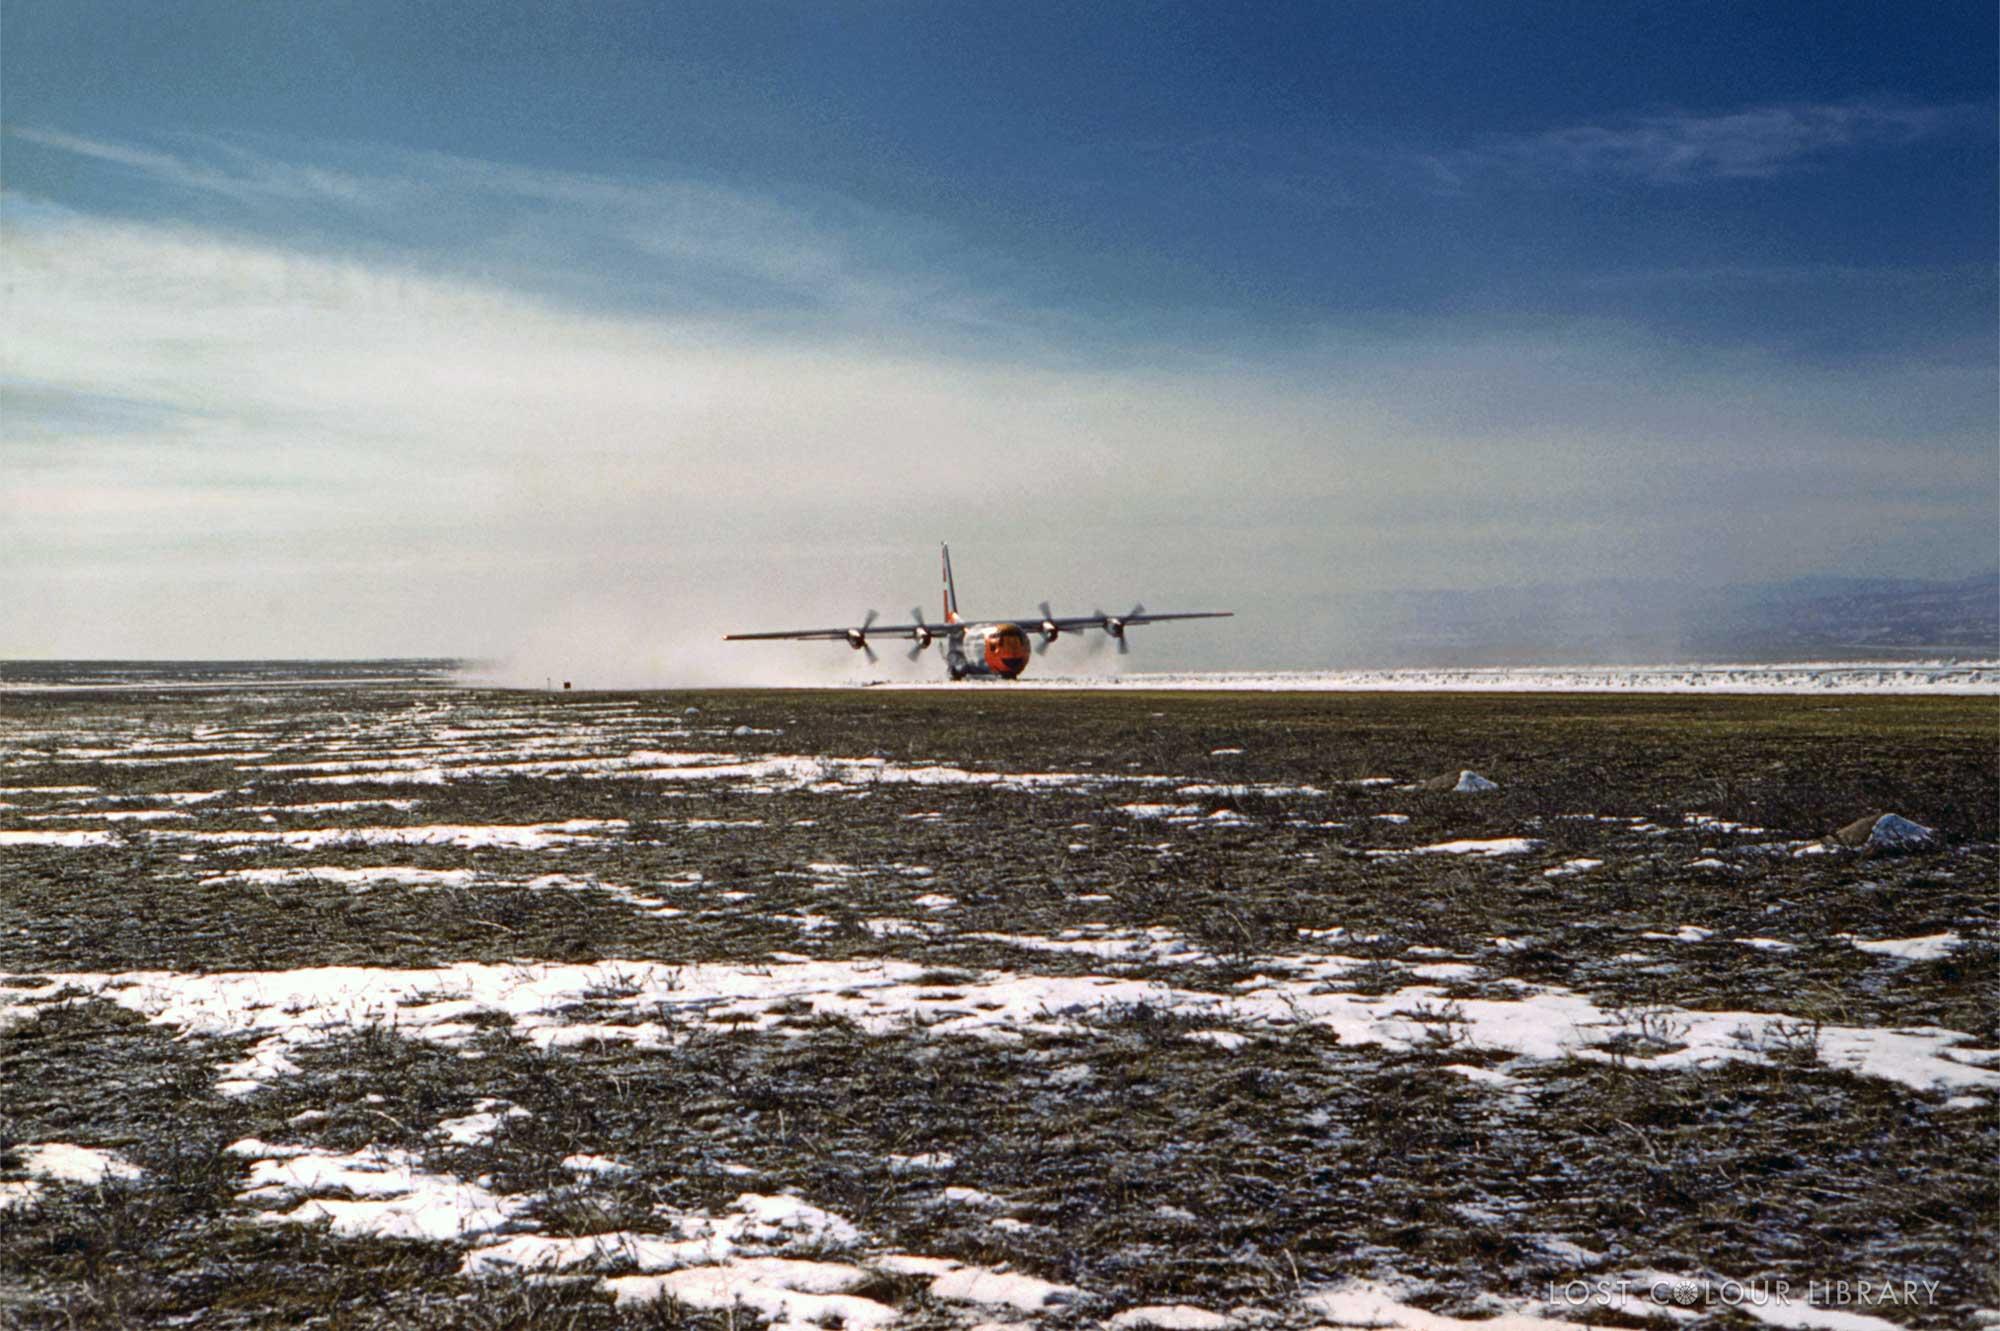 lcl-ww-plane-in-snow-site-wm.jpg